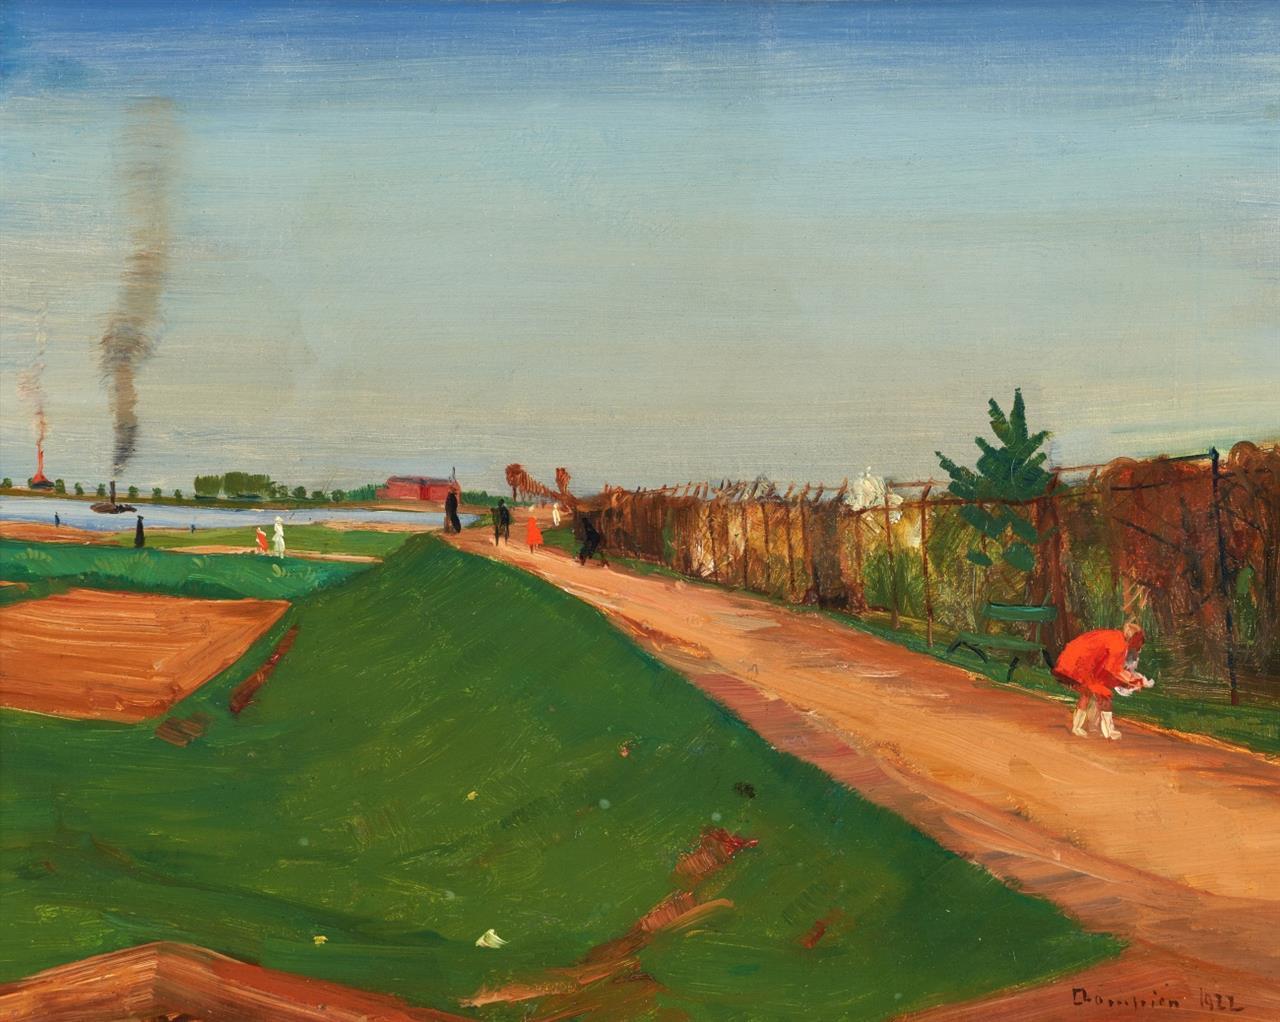 Theo Champion. Landschaft. 1922. Öl auf Leinwand. Signiert.